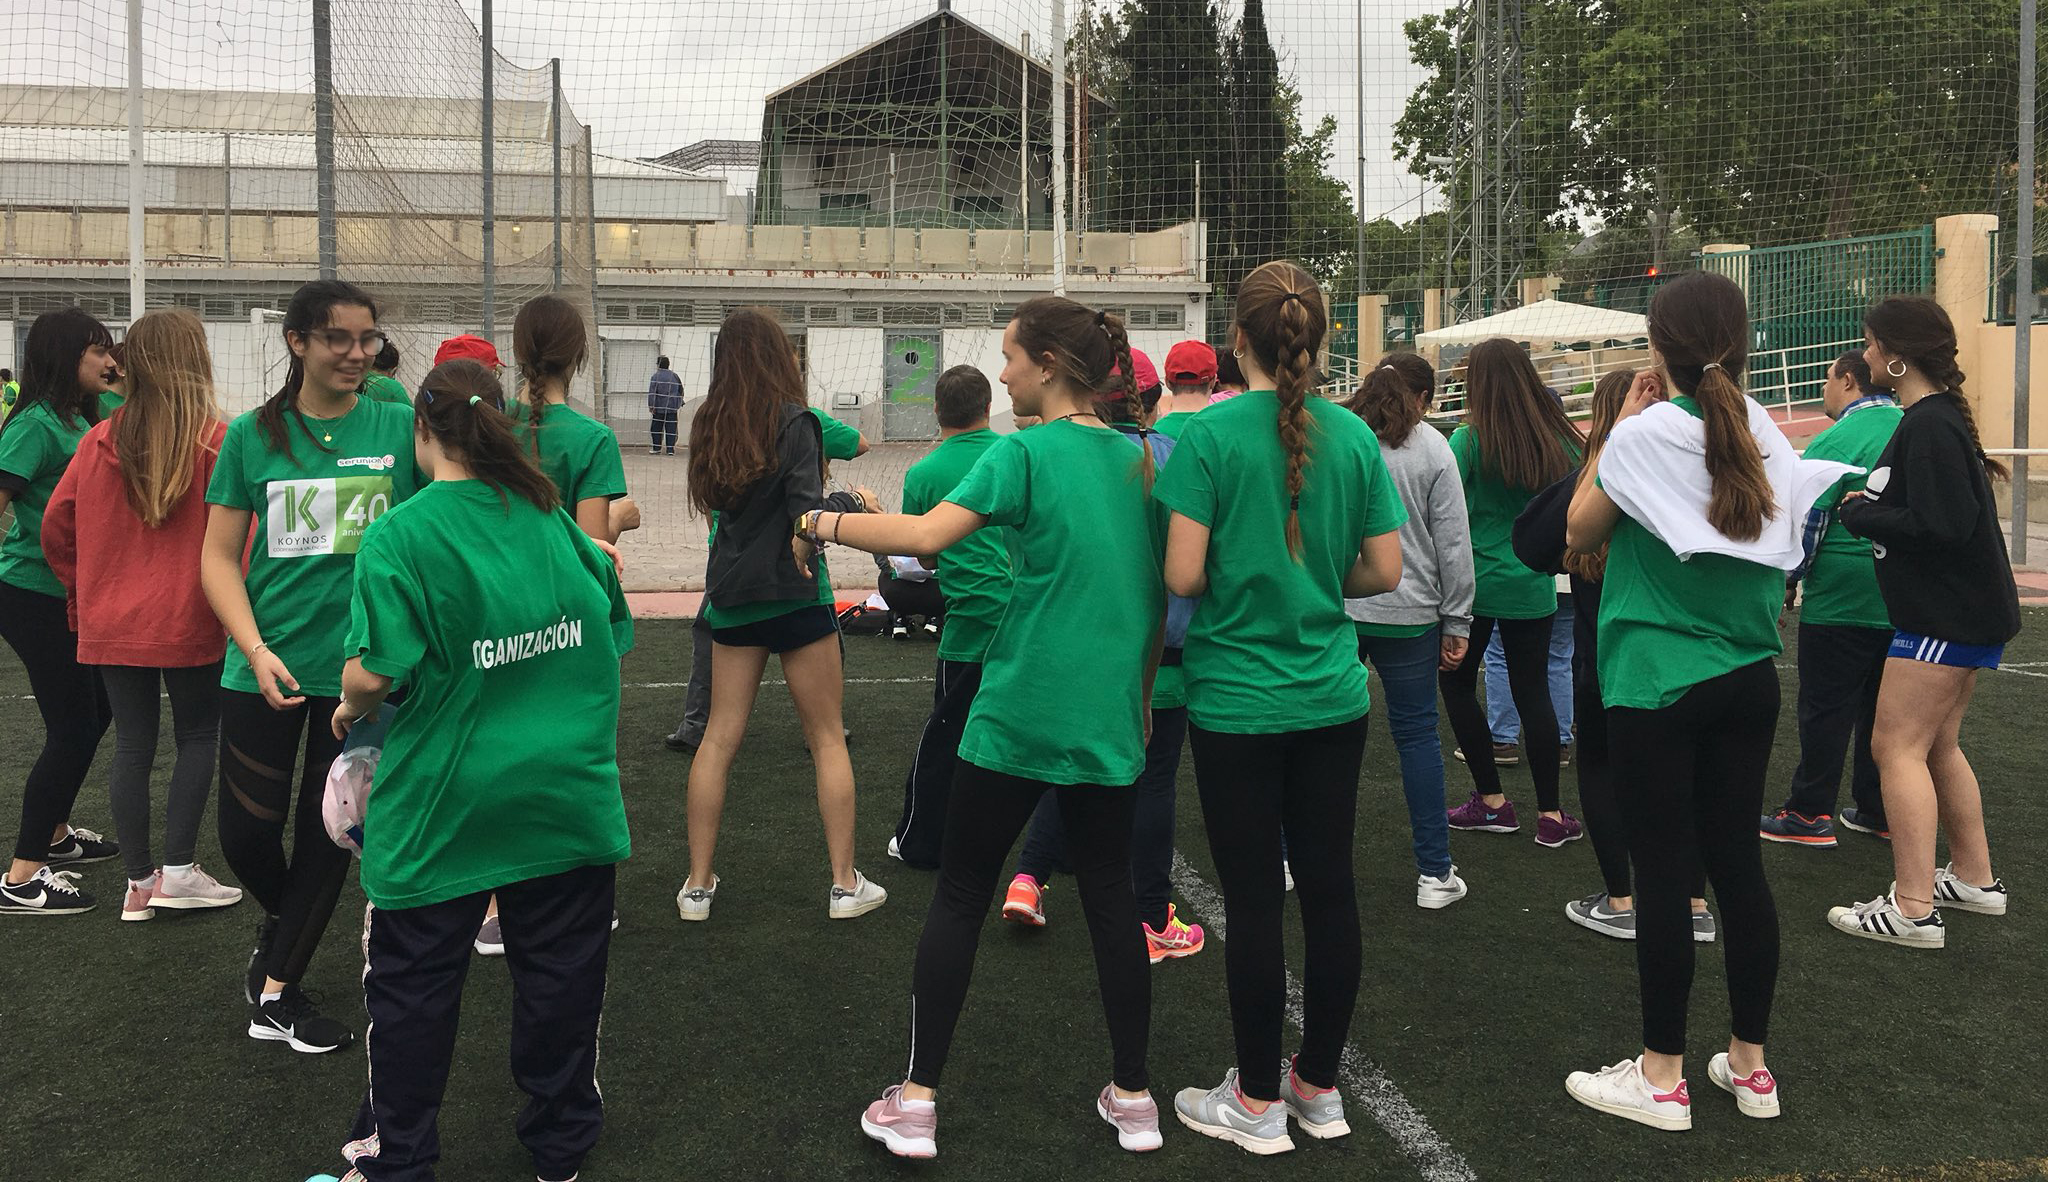 Personas jóvenes bailando